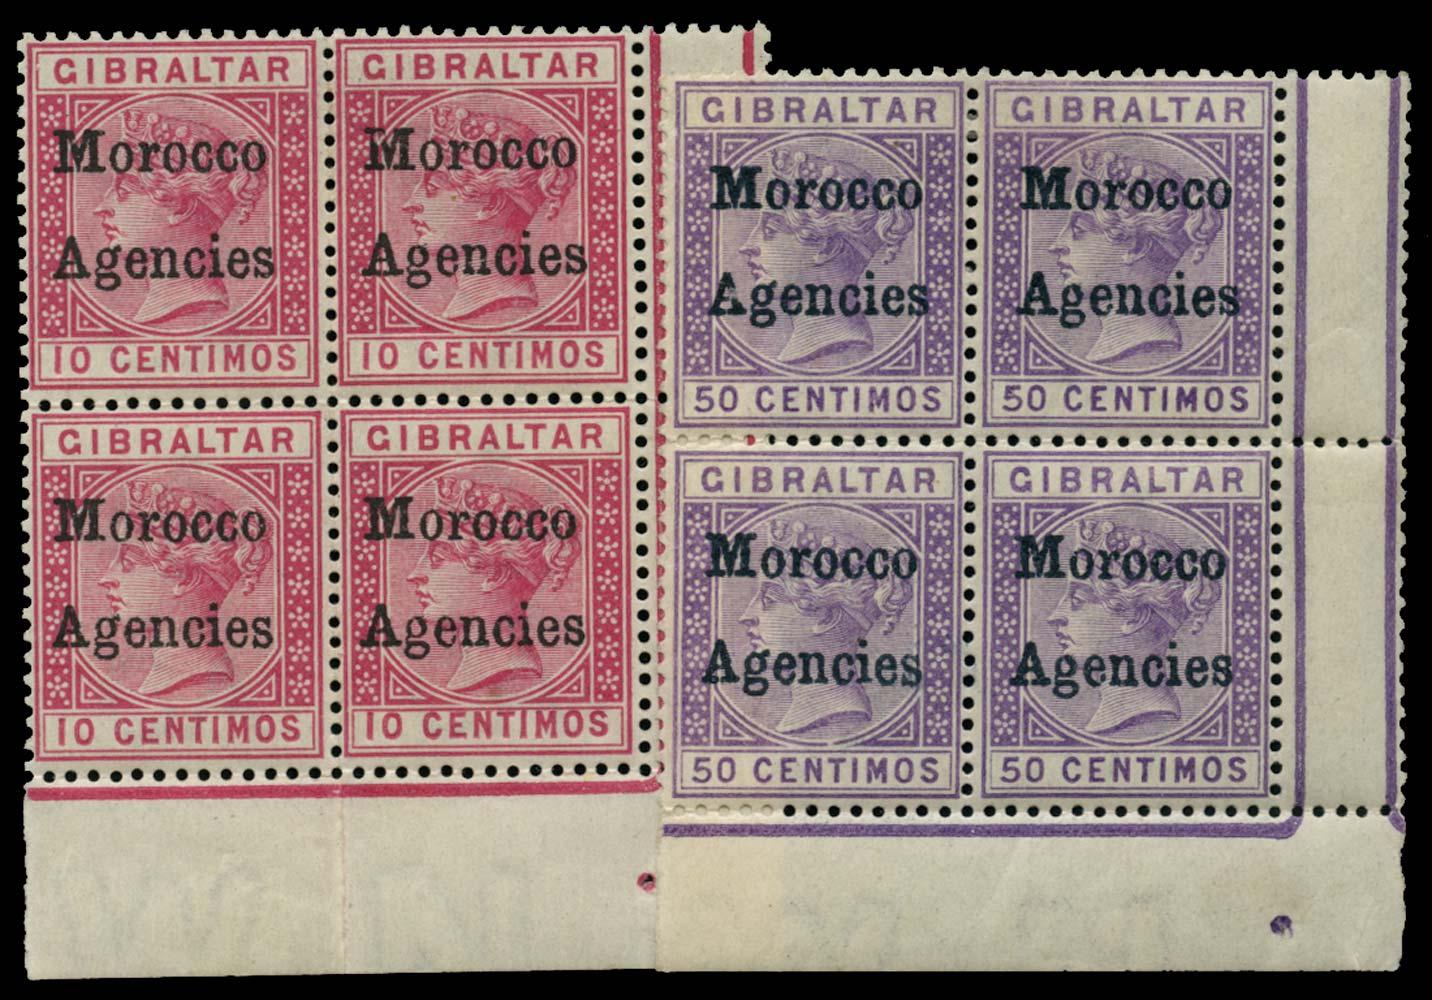 MOROCCO AGENCIES 1898-1900  SG2, 6f Mint